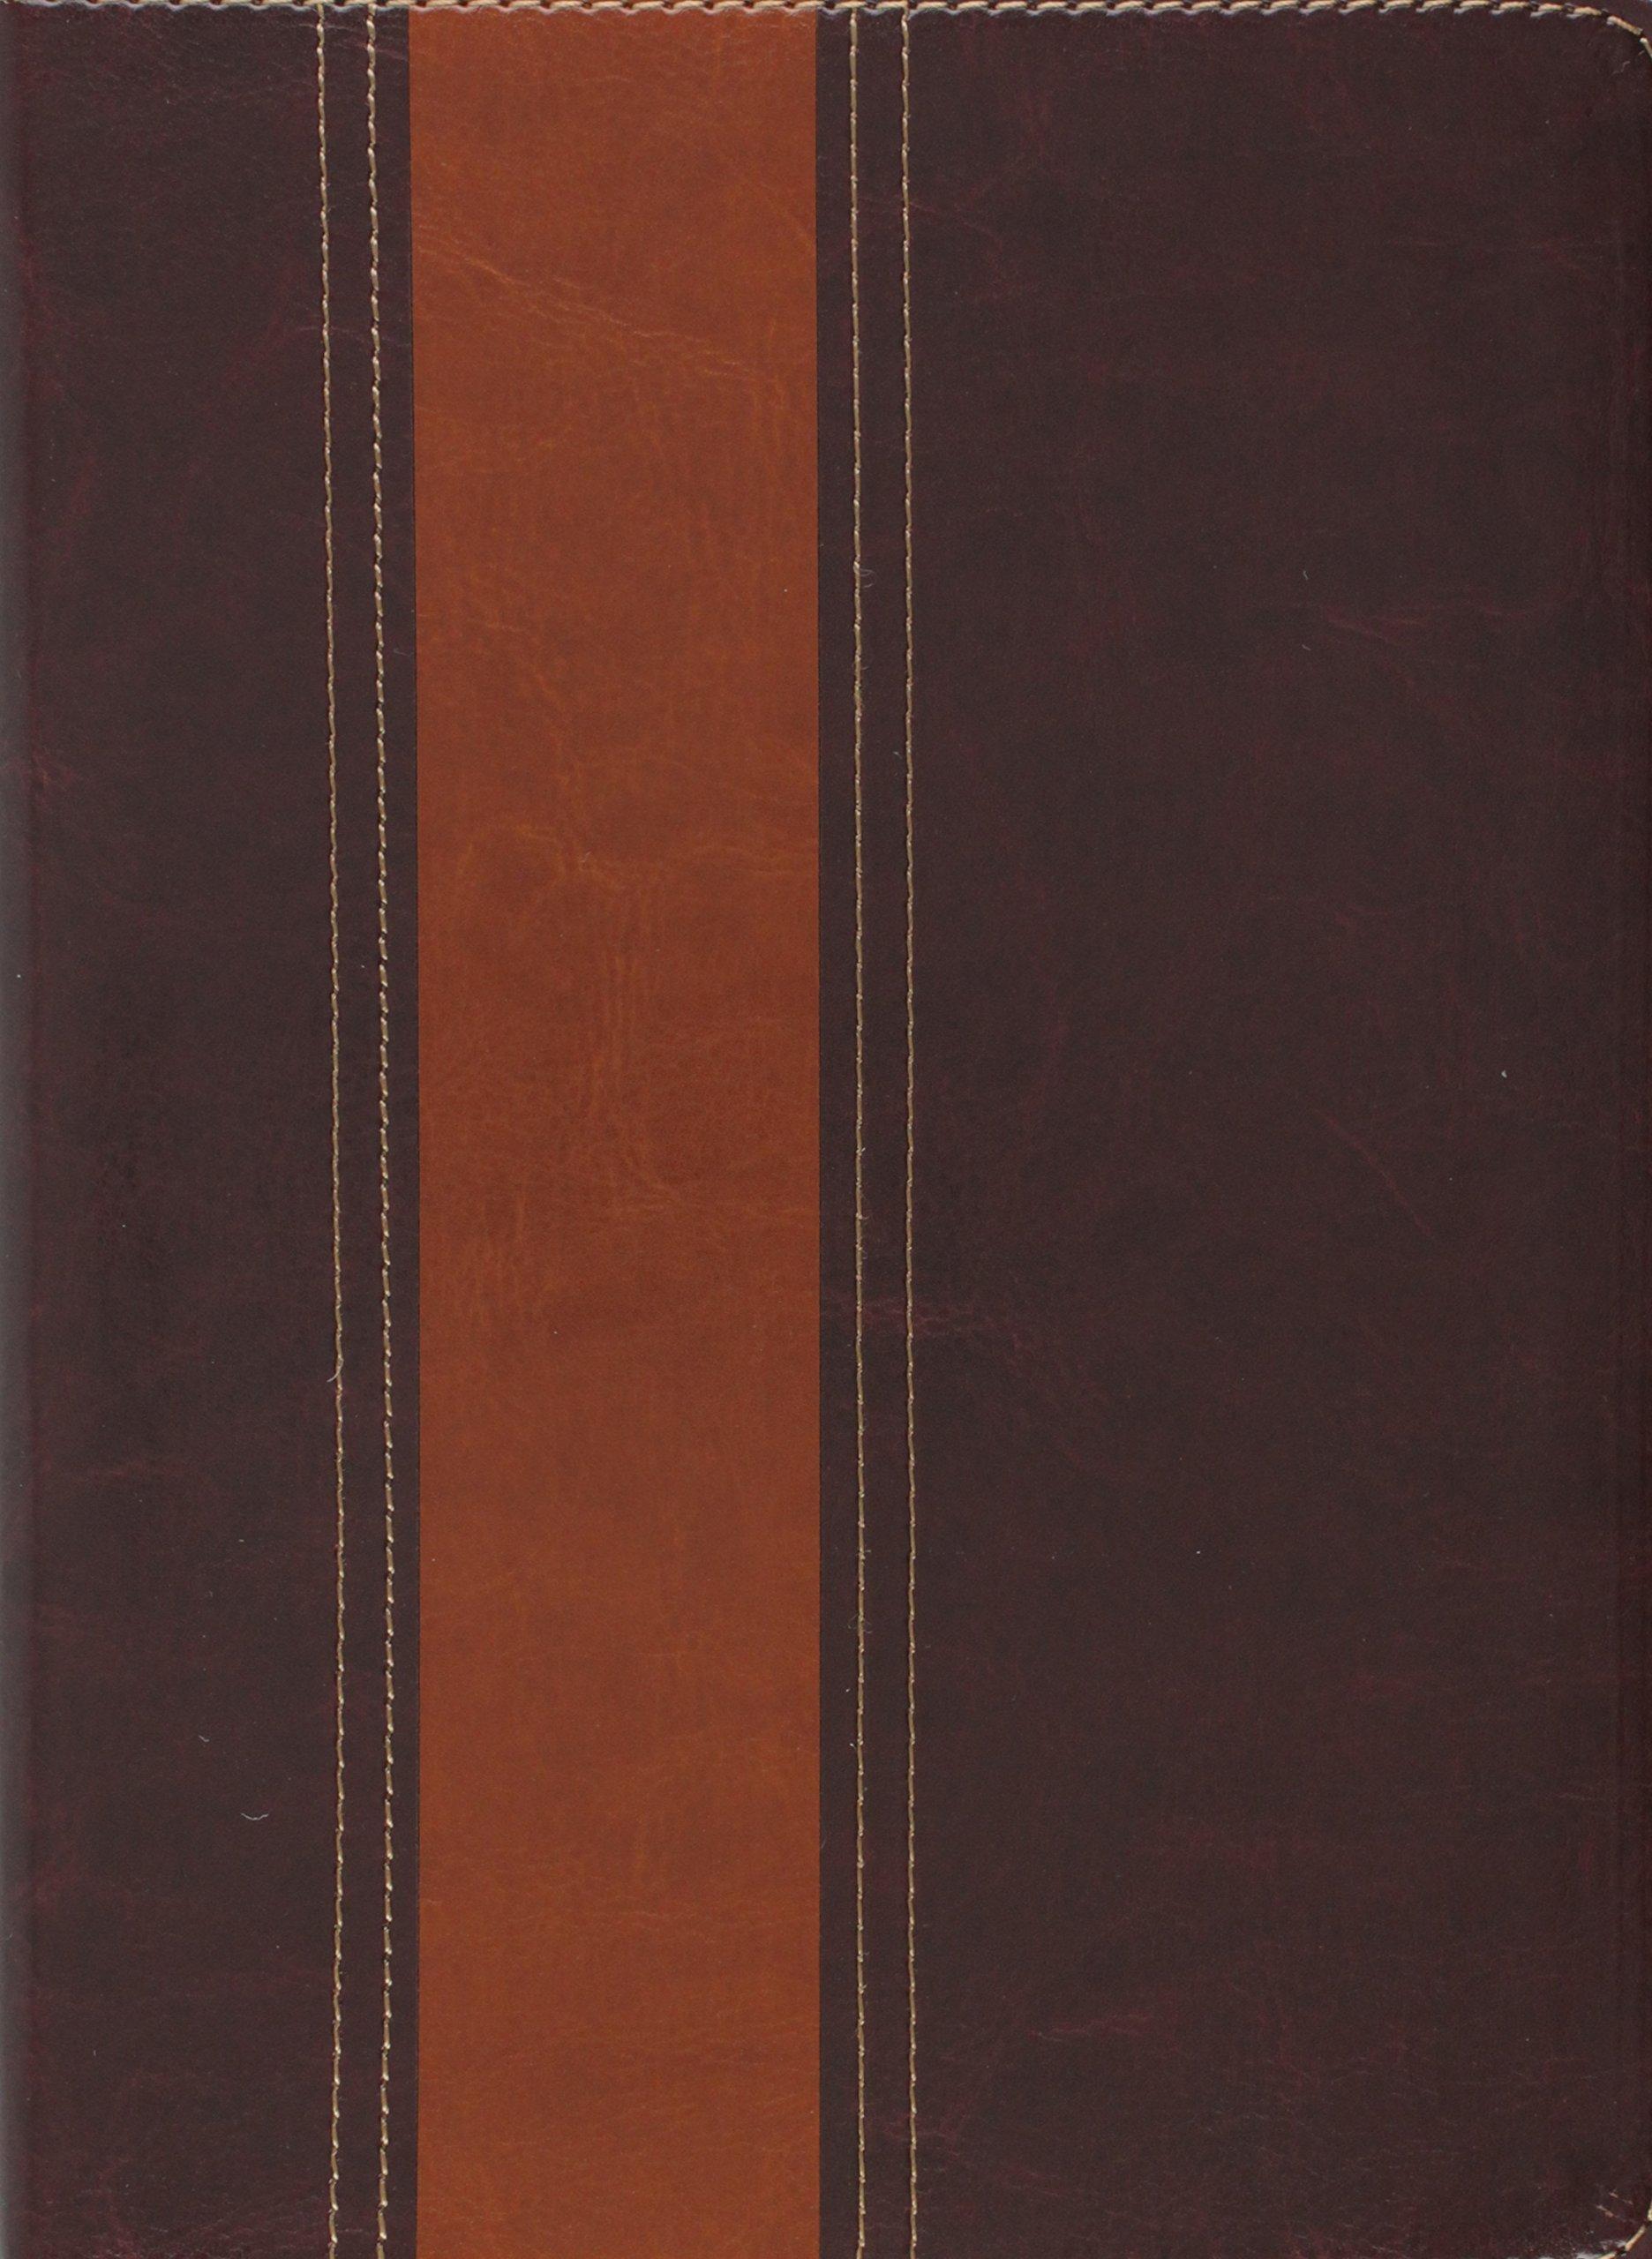 Biblia Thompson - Capa Luxo Marron Escuro E Claro (Semi ...